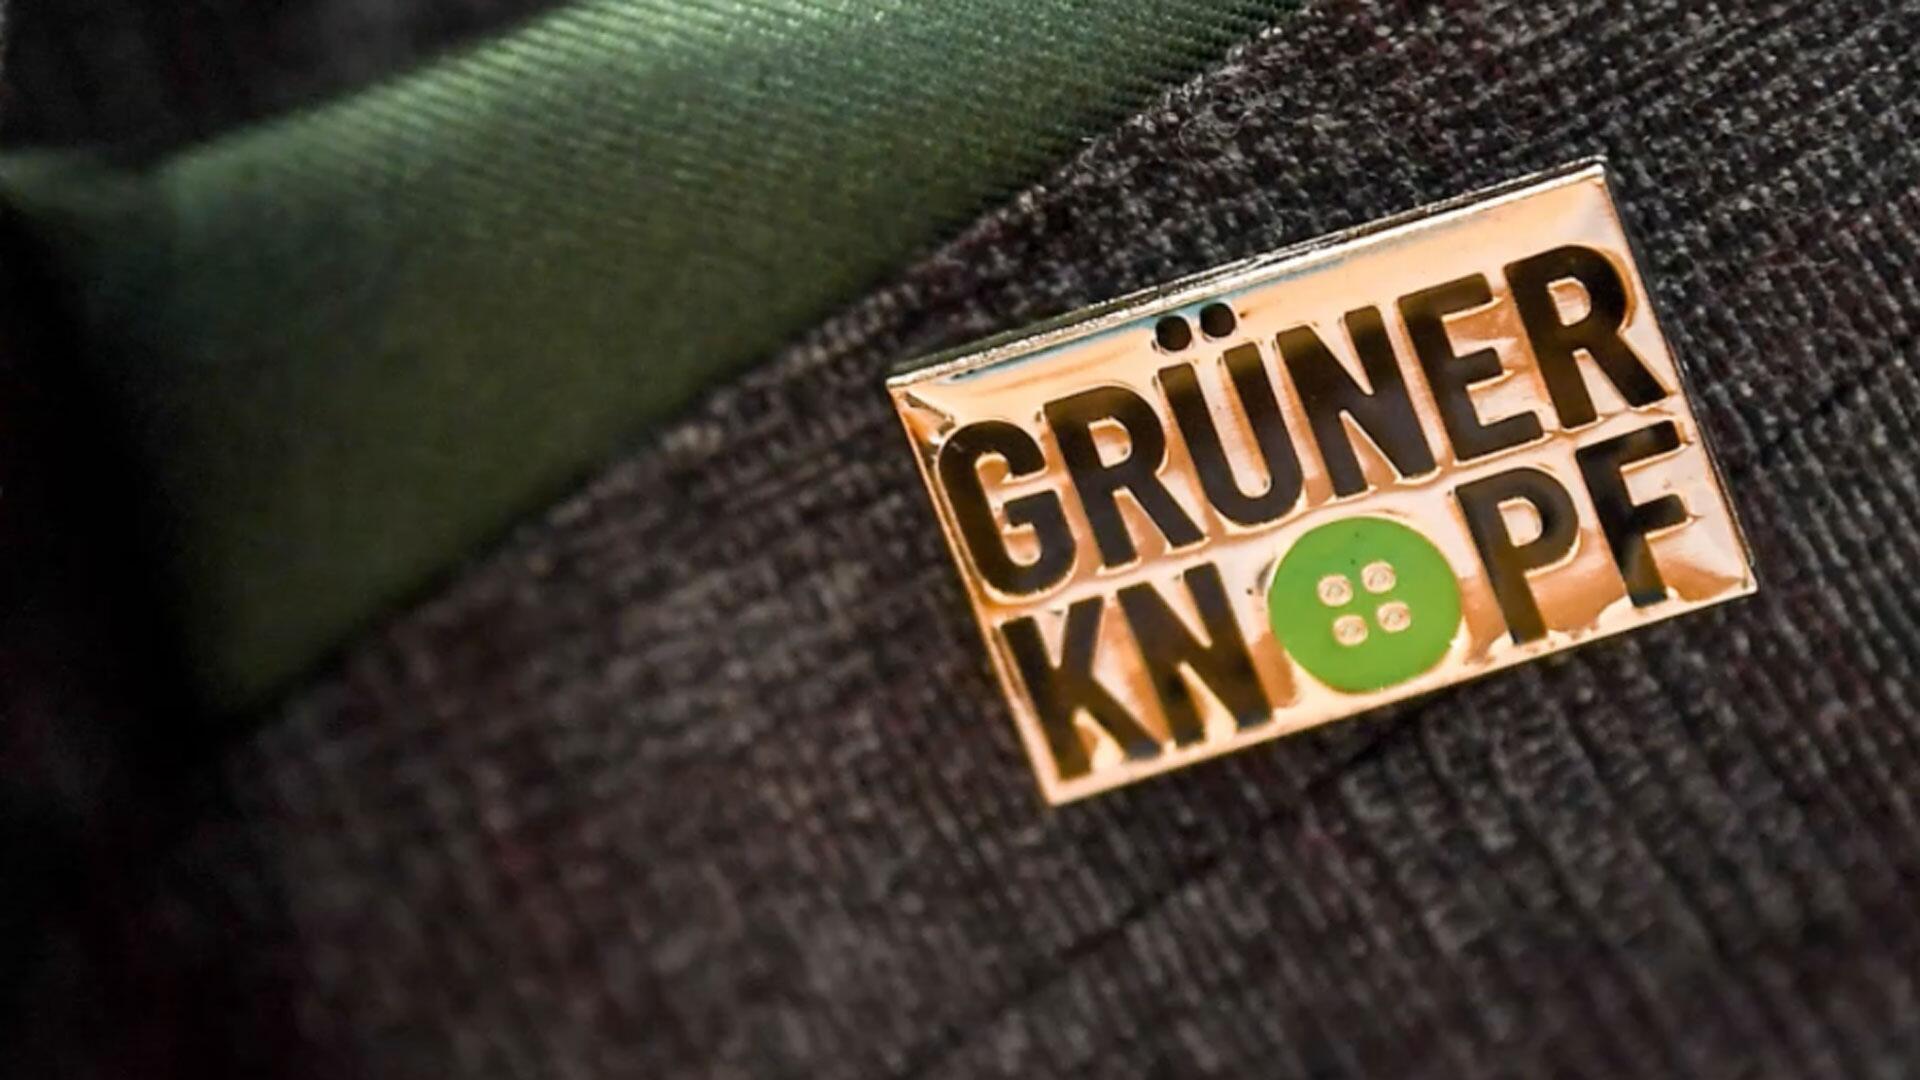 Bild zu Grüner Knopf, Textil, Label, Gütesiegel, Unternehmen